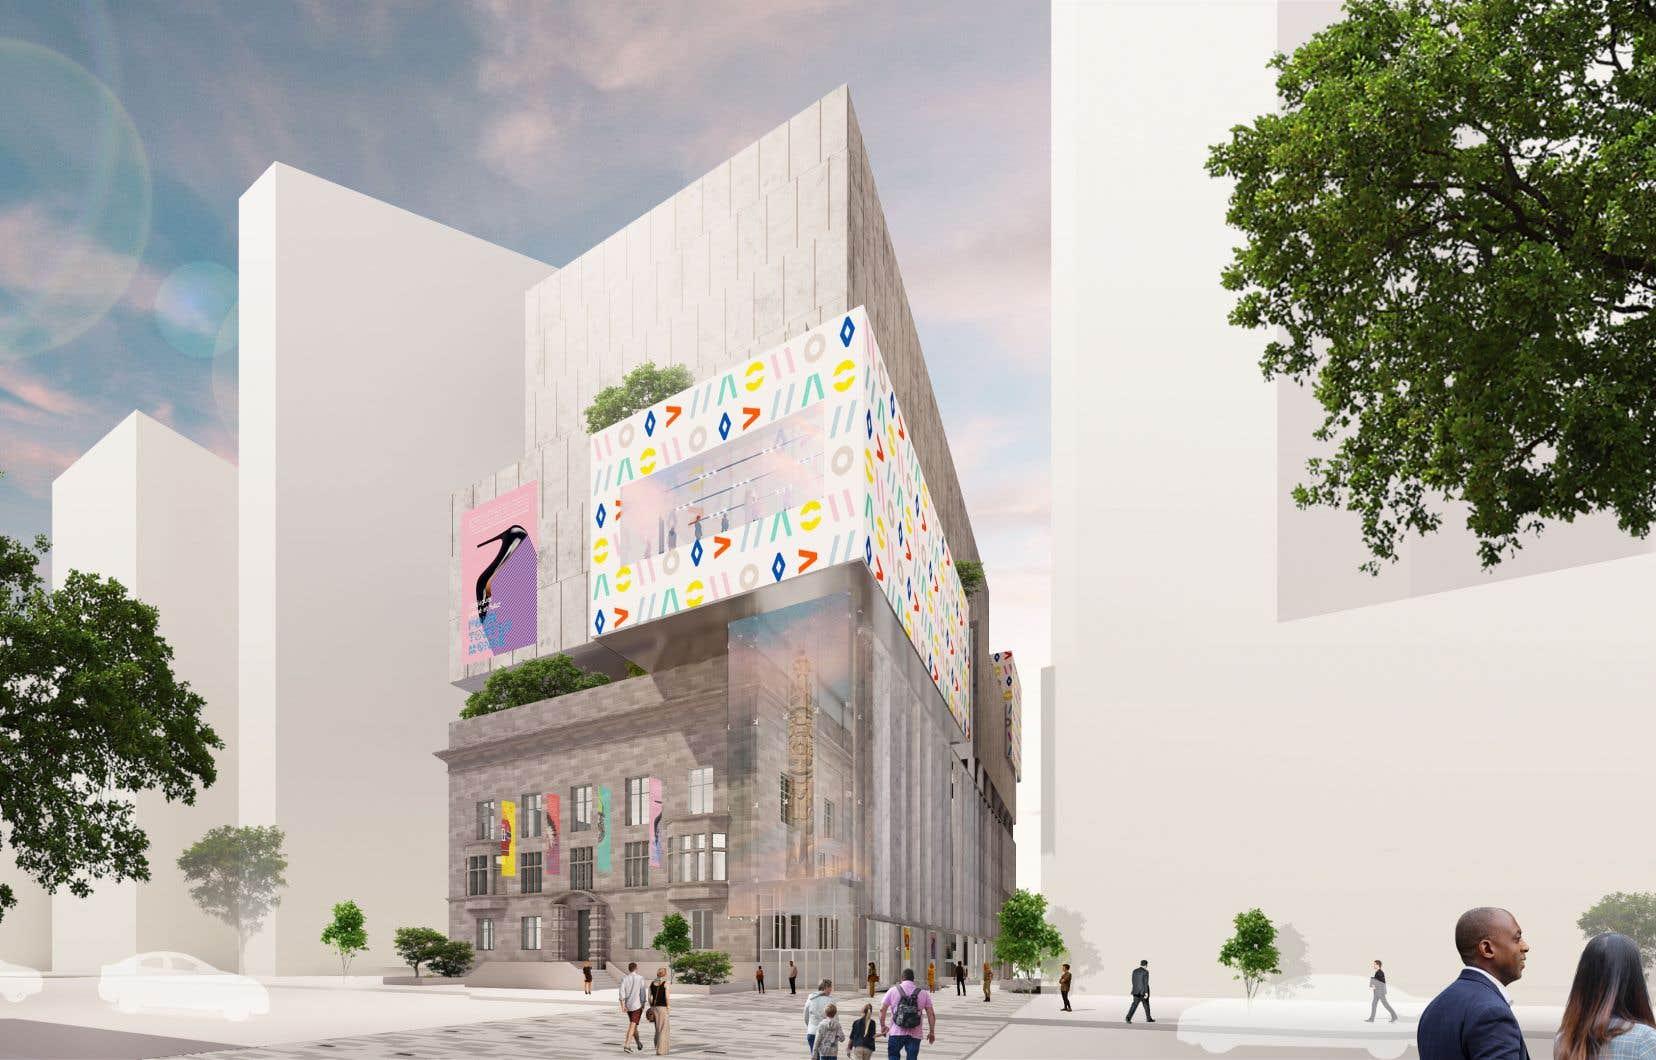 Le futur bâtiment réunira ainsi en un seul lieu trois musées fusionnés au cours des dernières années, à savoir le Musée McCord, le Musée Stewart et le Musée de la mode.